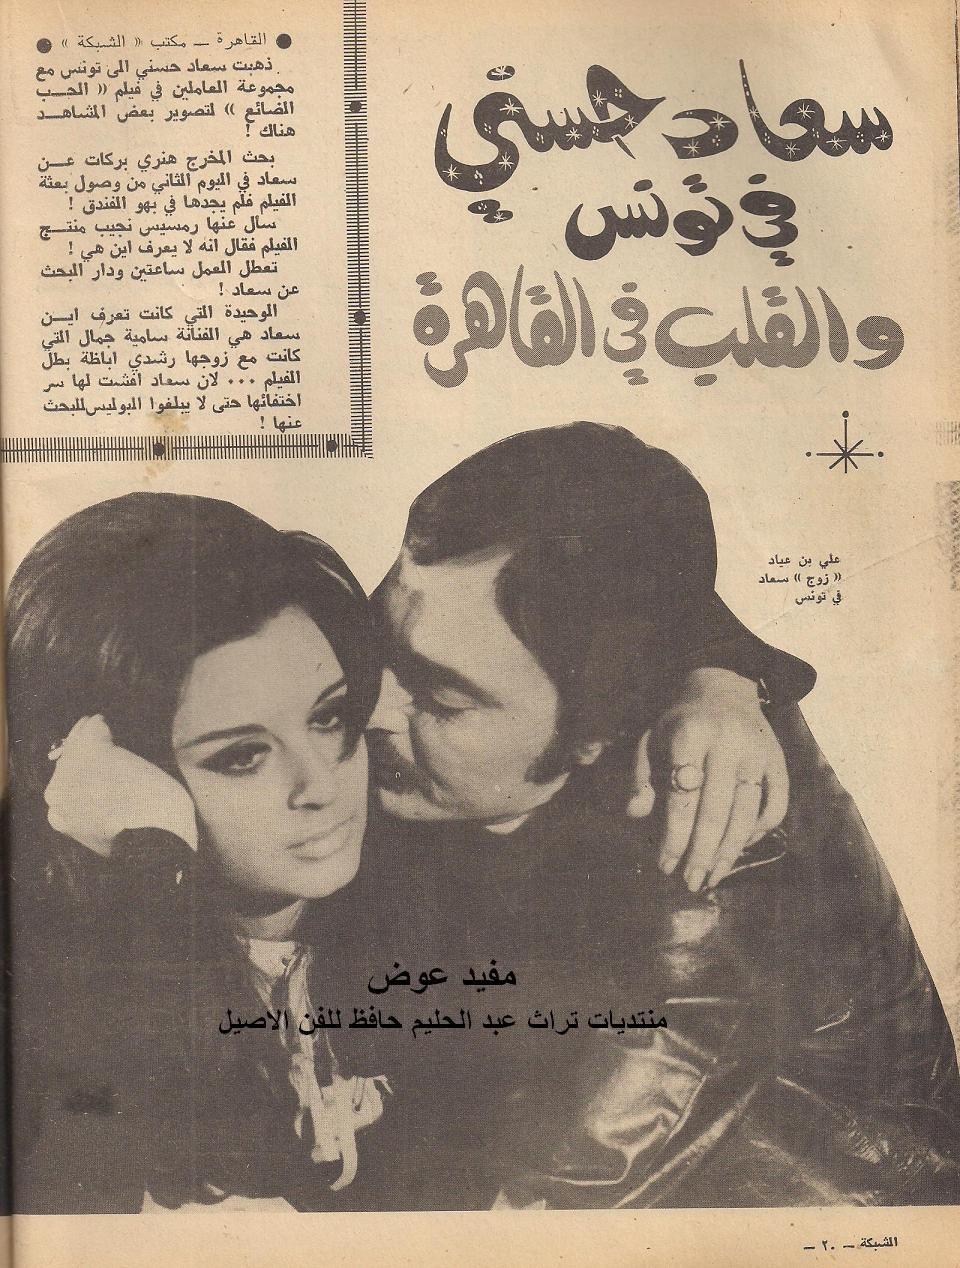 مقال صحفي : سعاد حسني في تونس والقلب في القاهرة 1970 م 1136